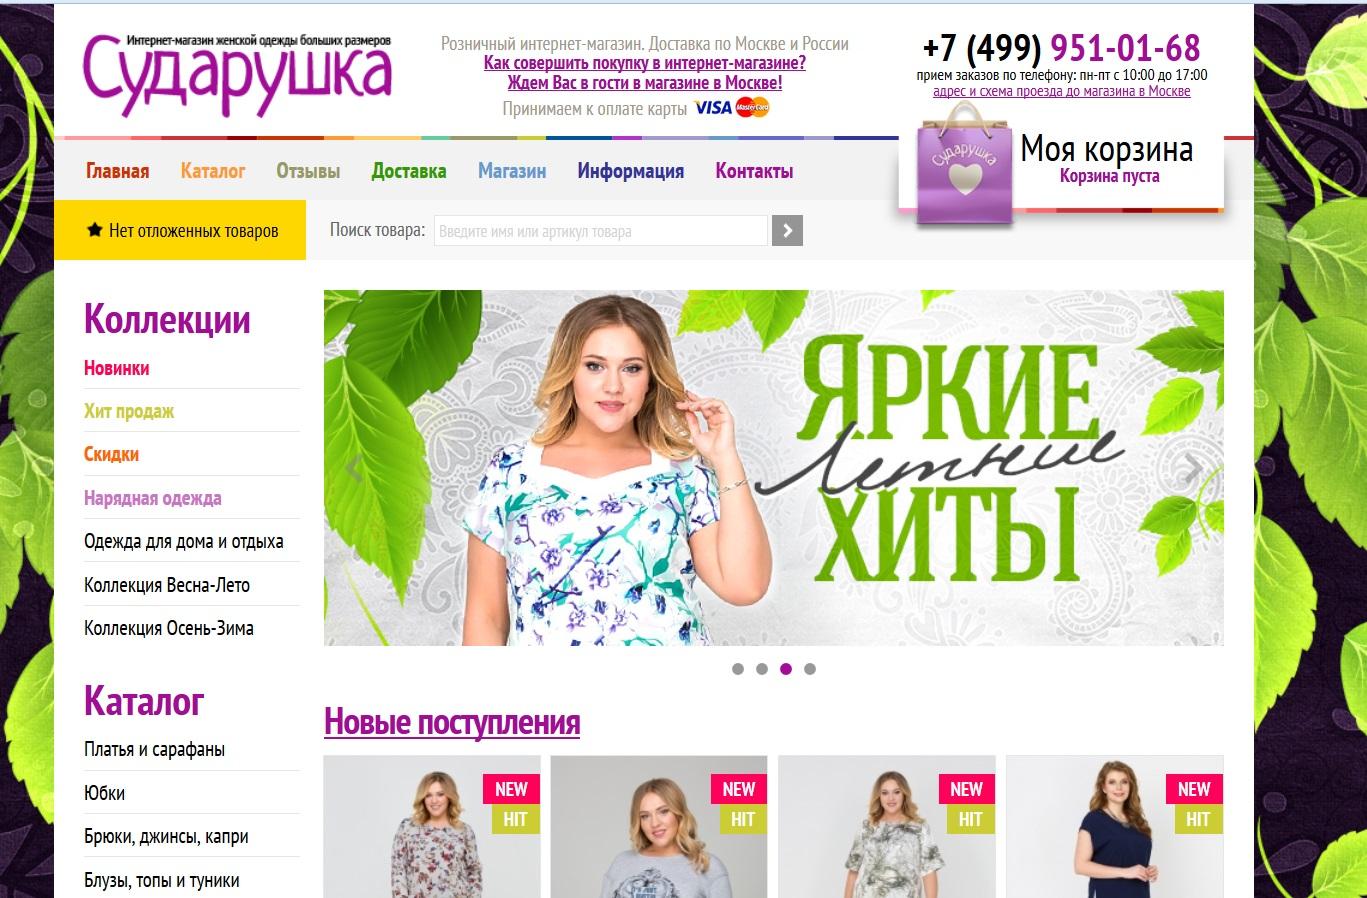 f207900d627 ... но и оффлайн филиал в Москве. Размерный ряд 48-72. В каталог входят  повседневные фасоны